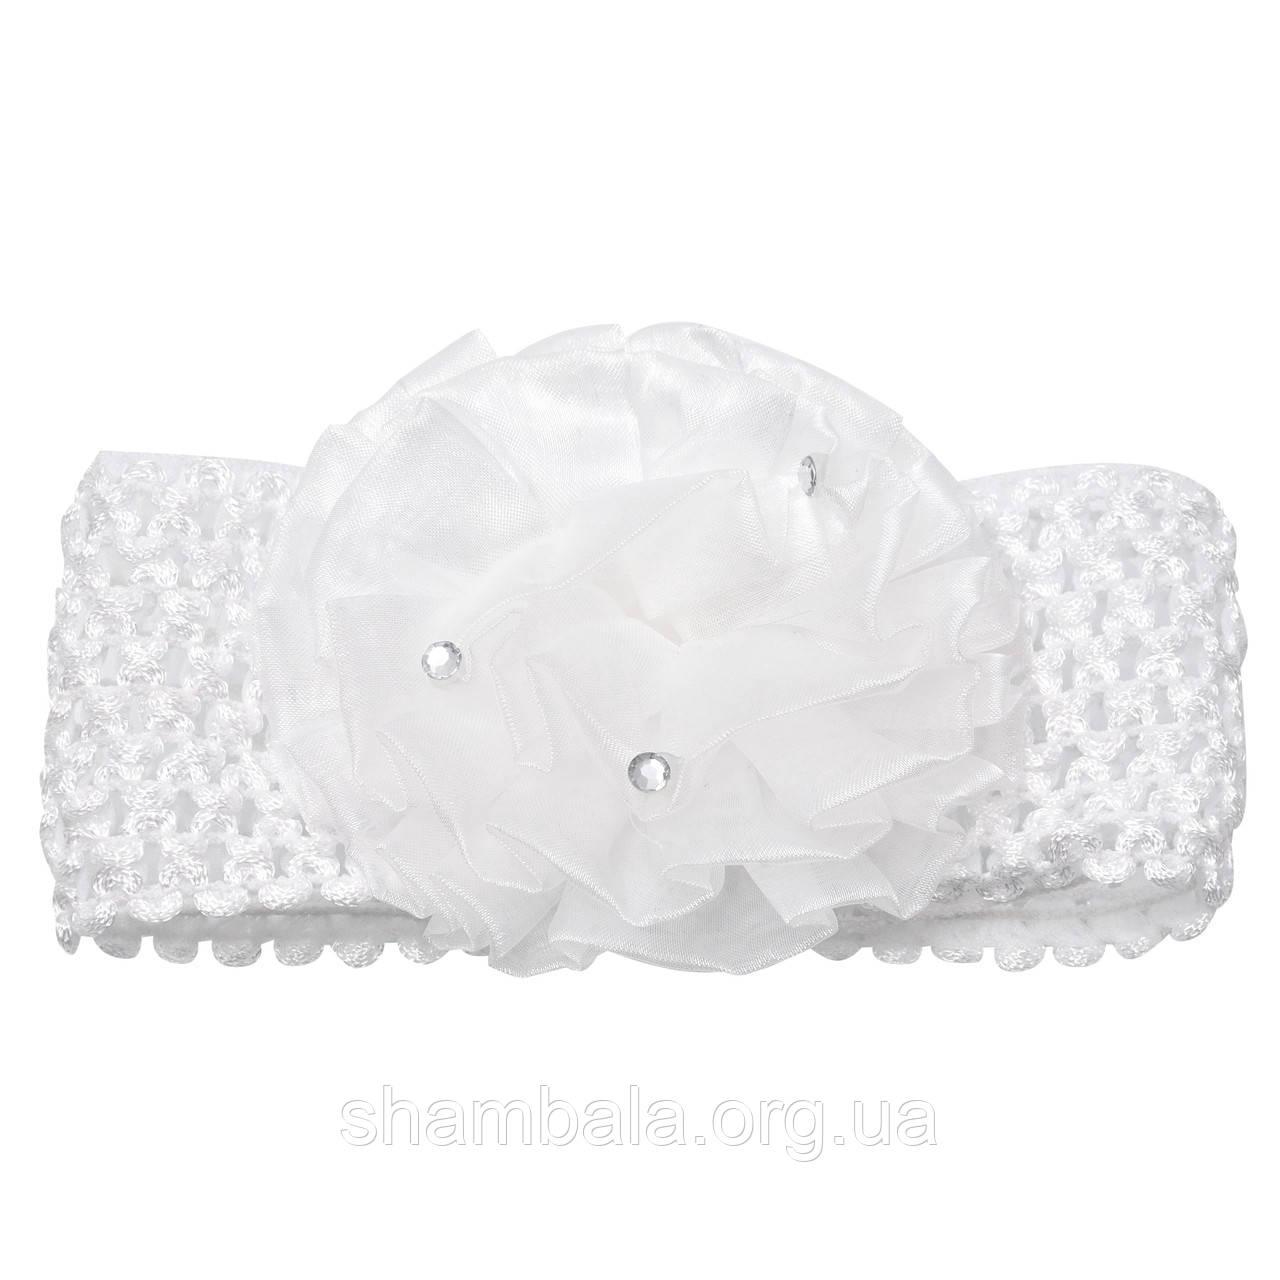 """Пов'язка для волосся """"White flower"""" дитяча (047942)"""